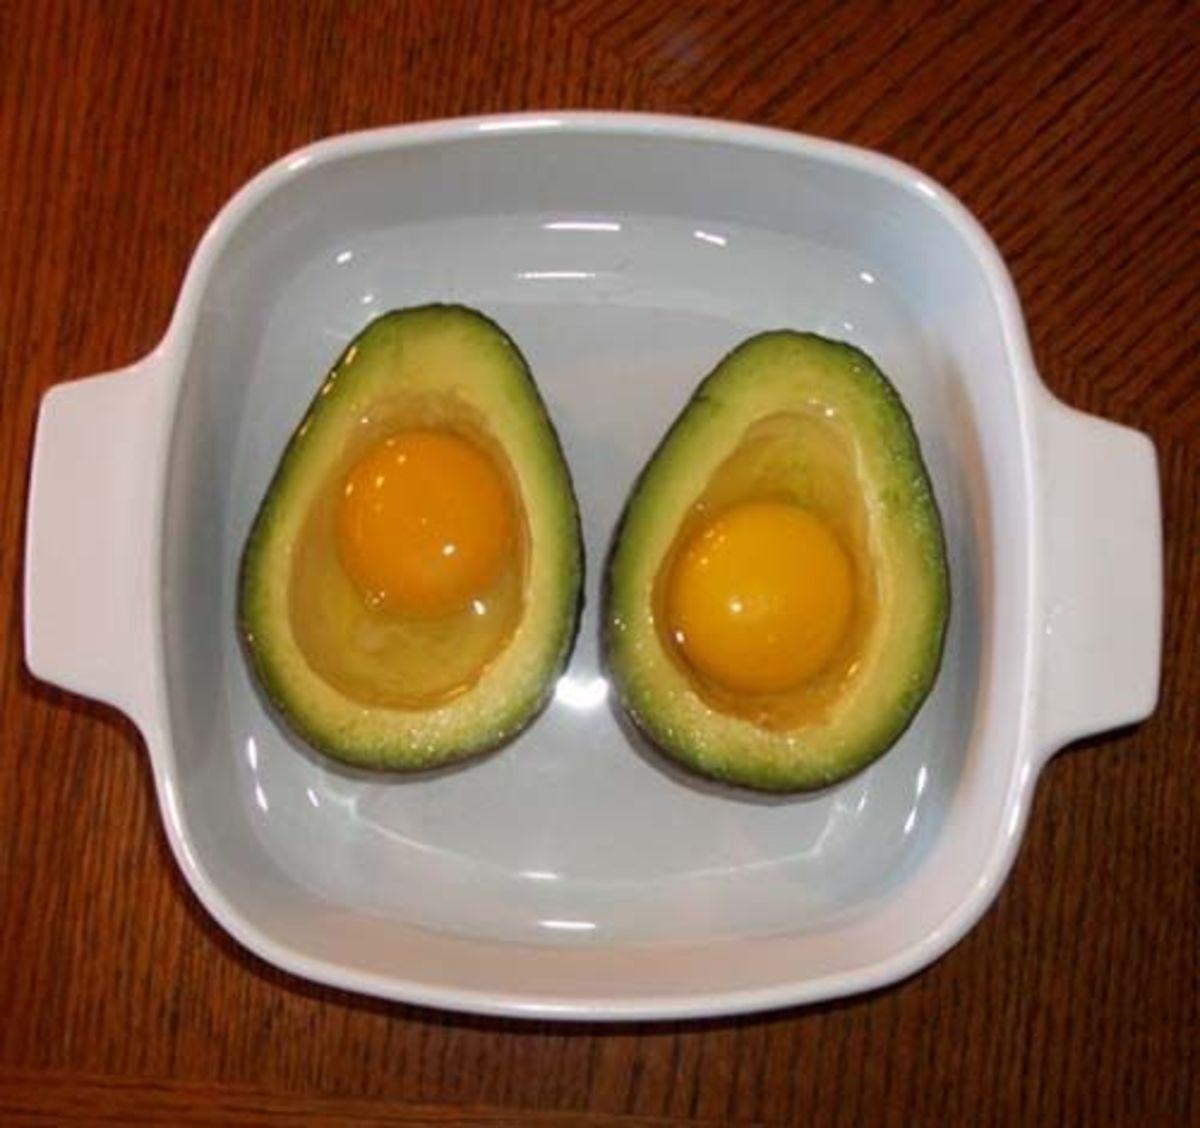 How To Cook Eggvocado - Eggs Baked Inside Avocados